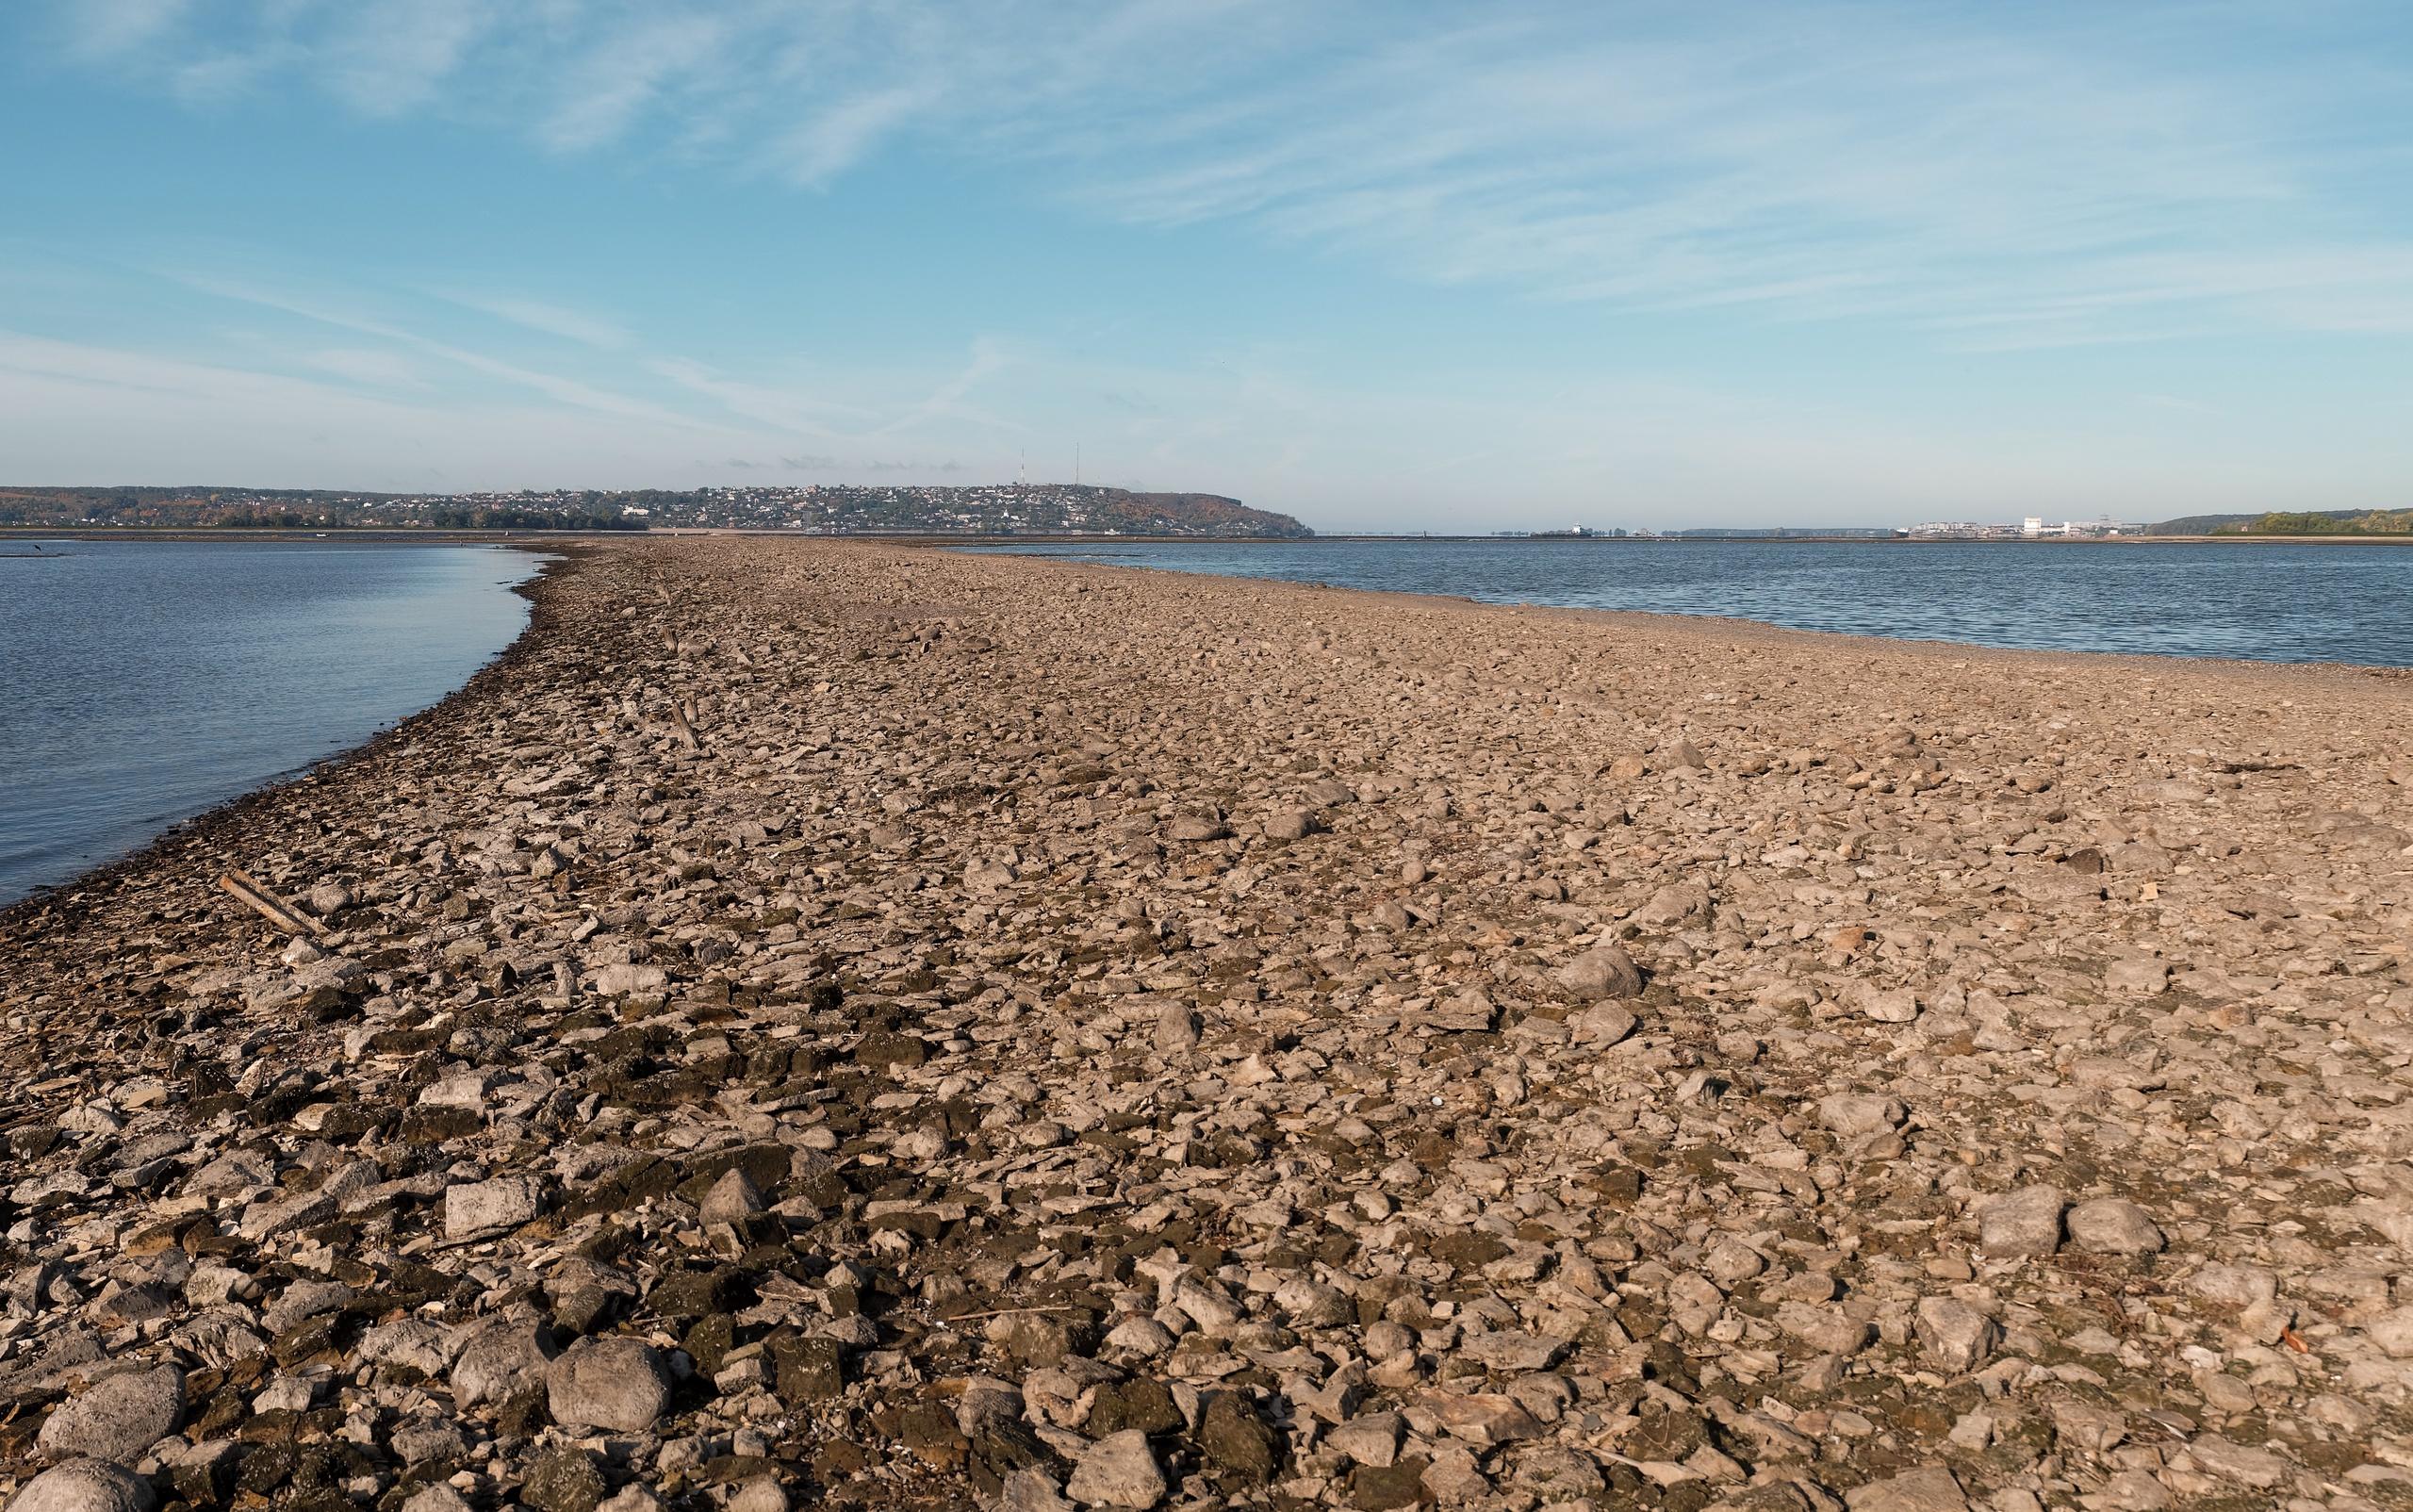 Вид на дорогу, Волгу и с. Верхний Услон. Уровень воды 50,82 м. 19.09.2021